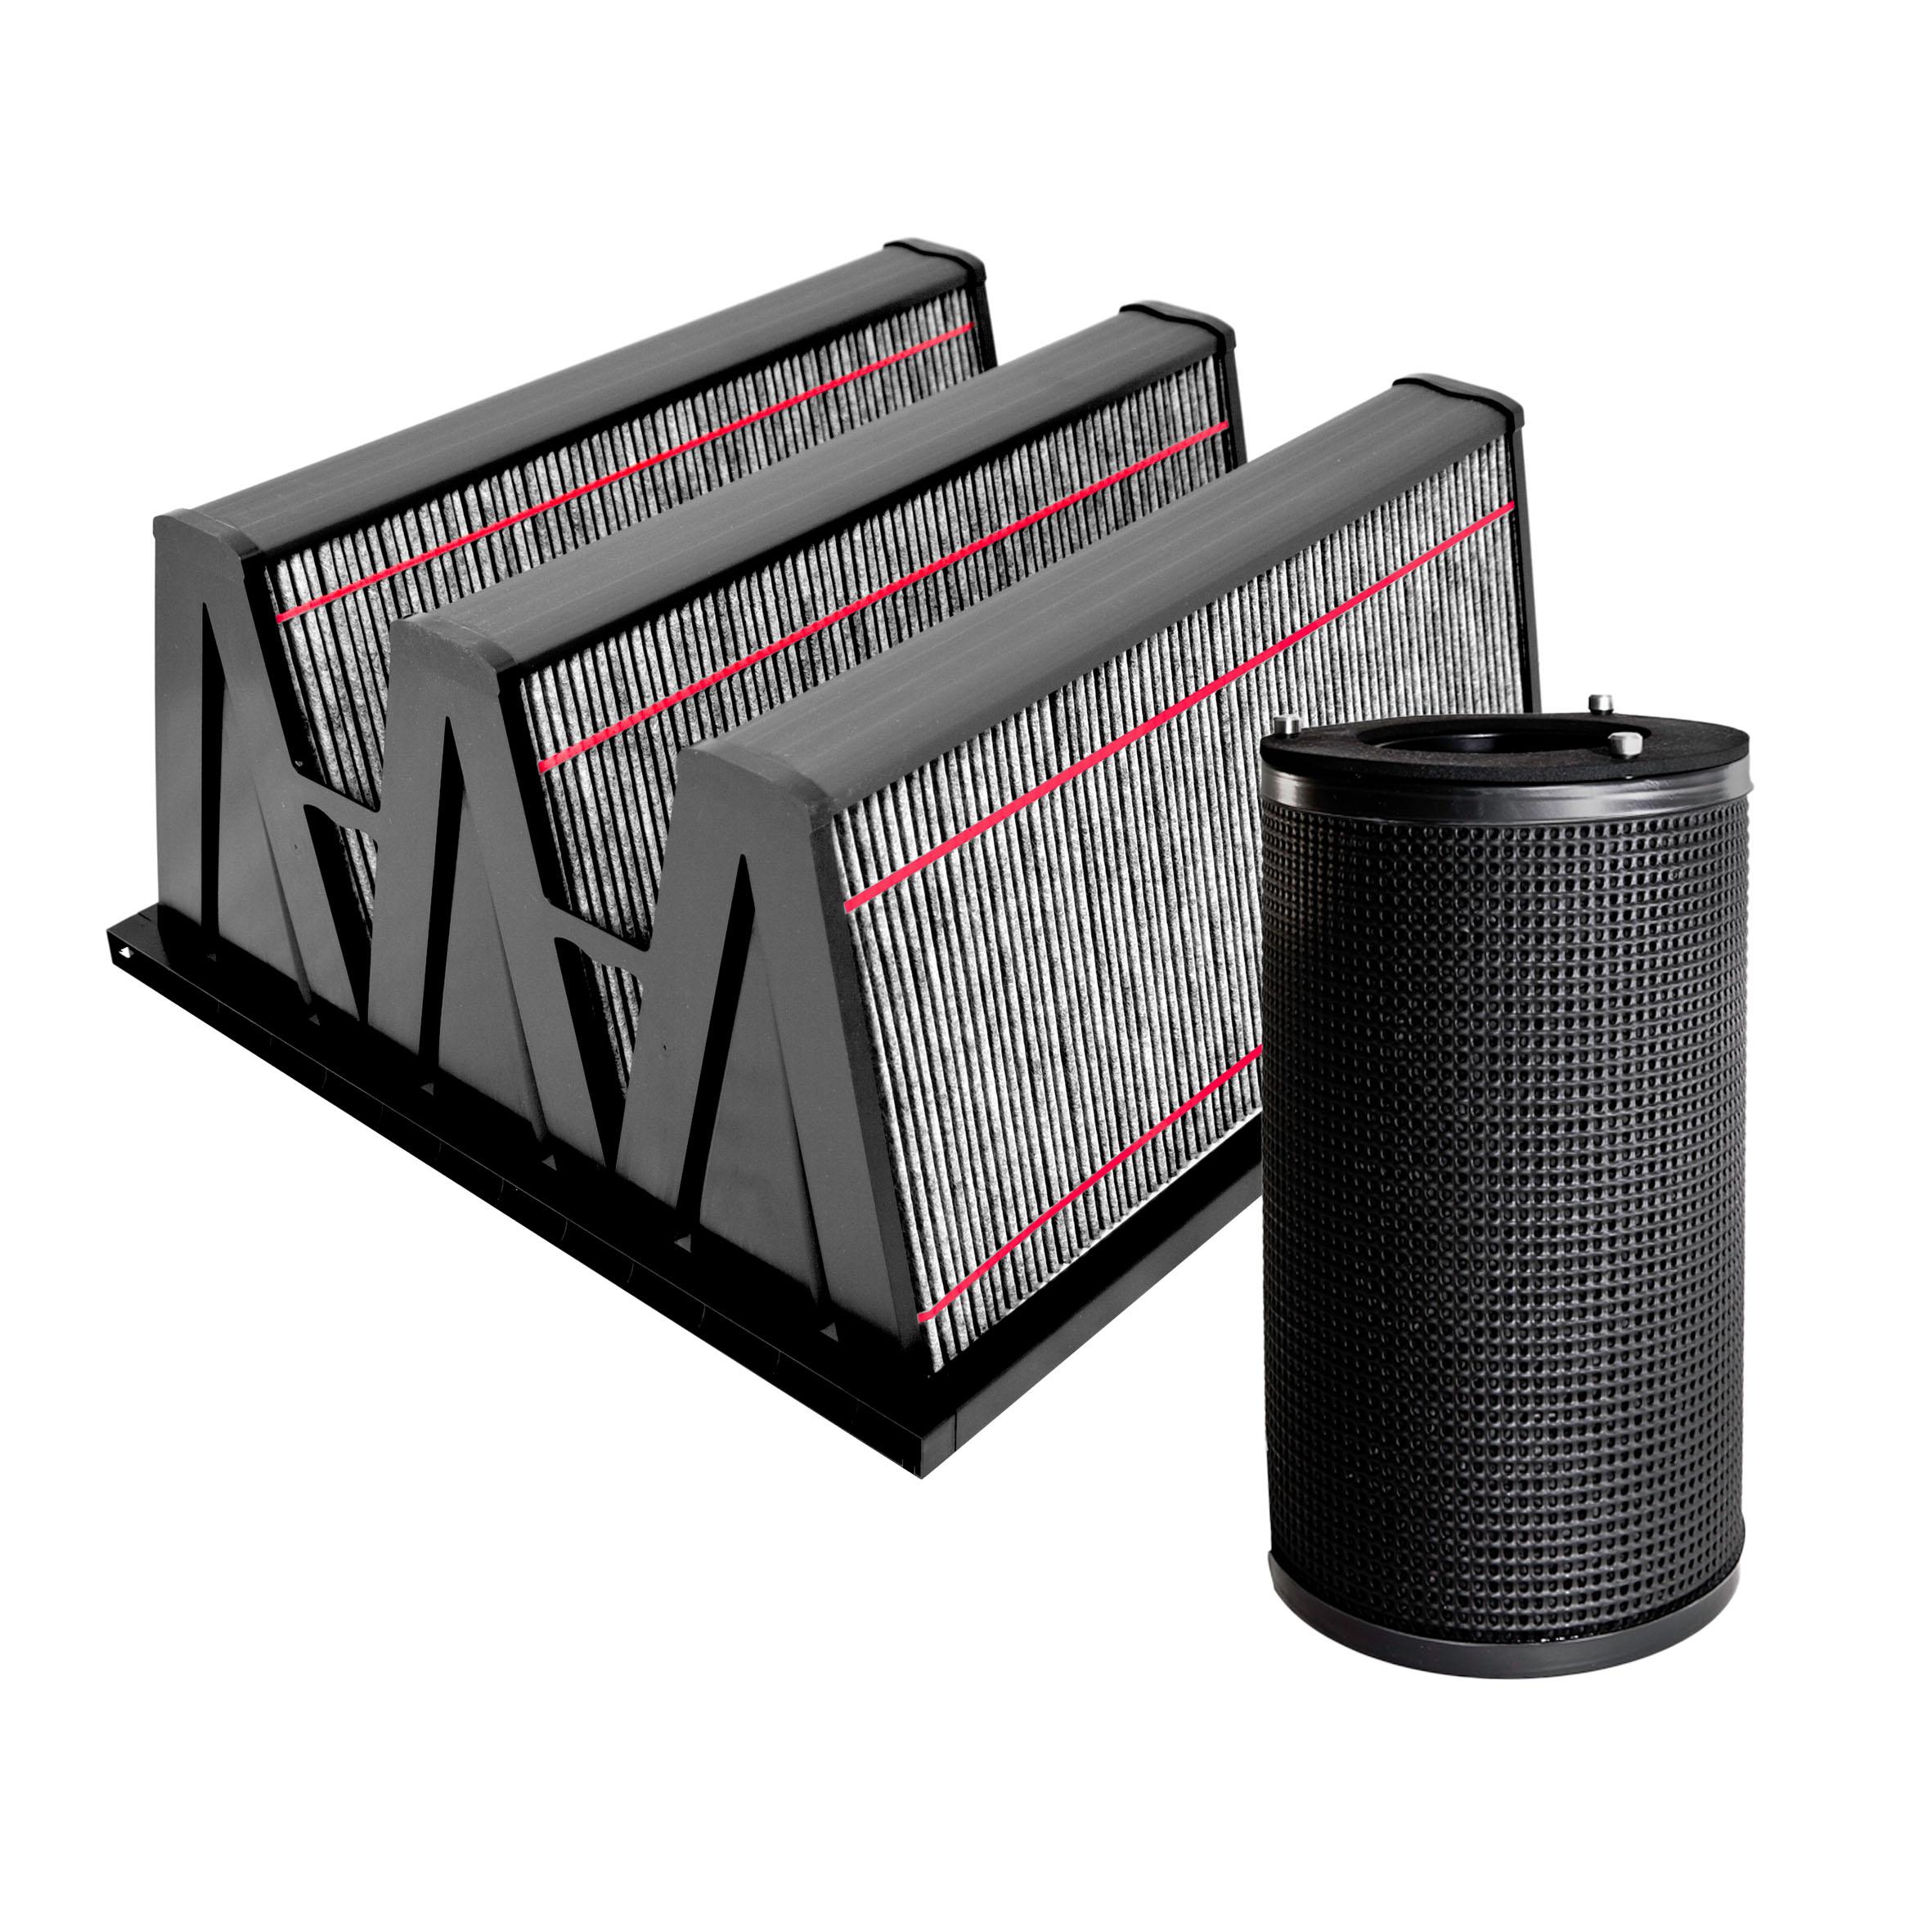 produkte tqm gmbh led filter flusenabscheider messger t. Black Bedroom Furniture Sets. Home Design Ideas